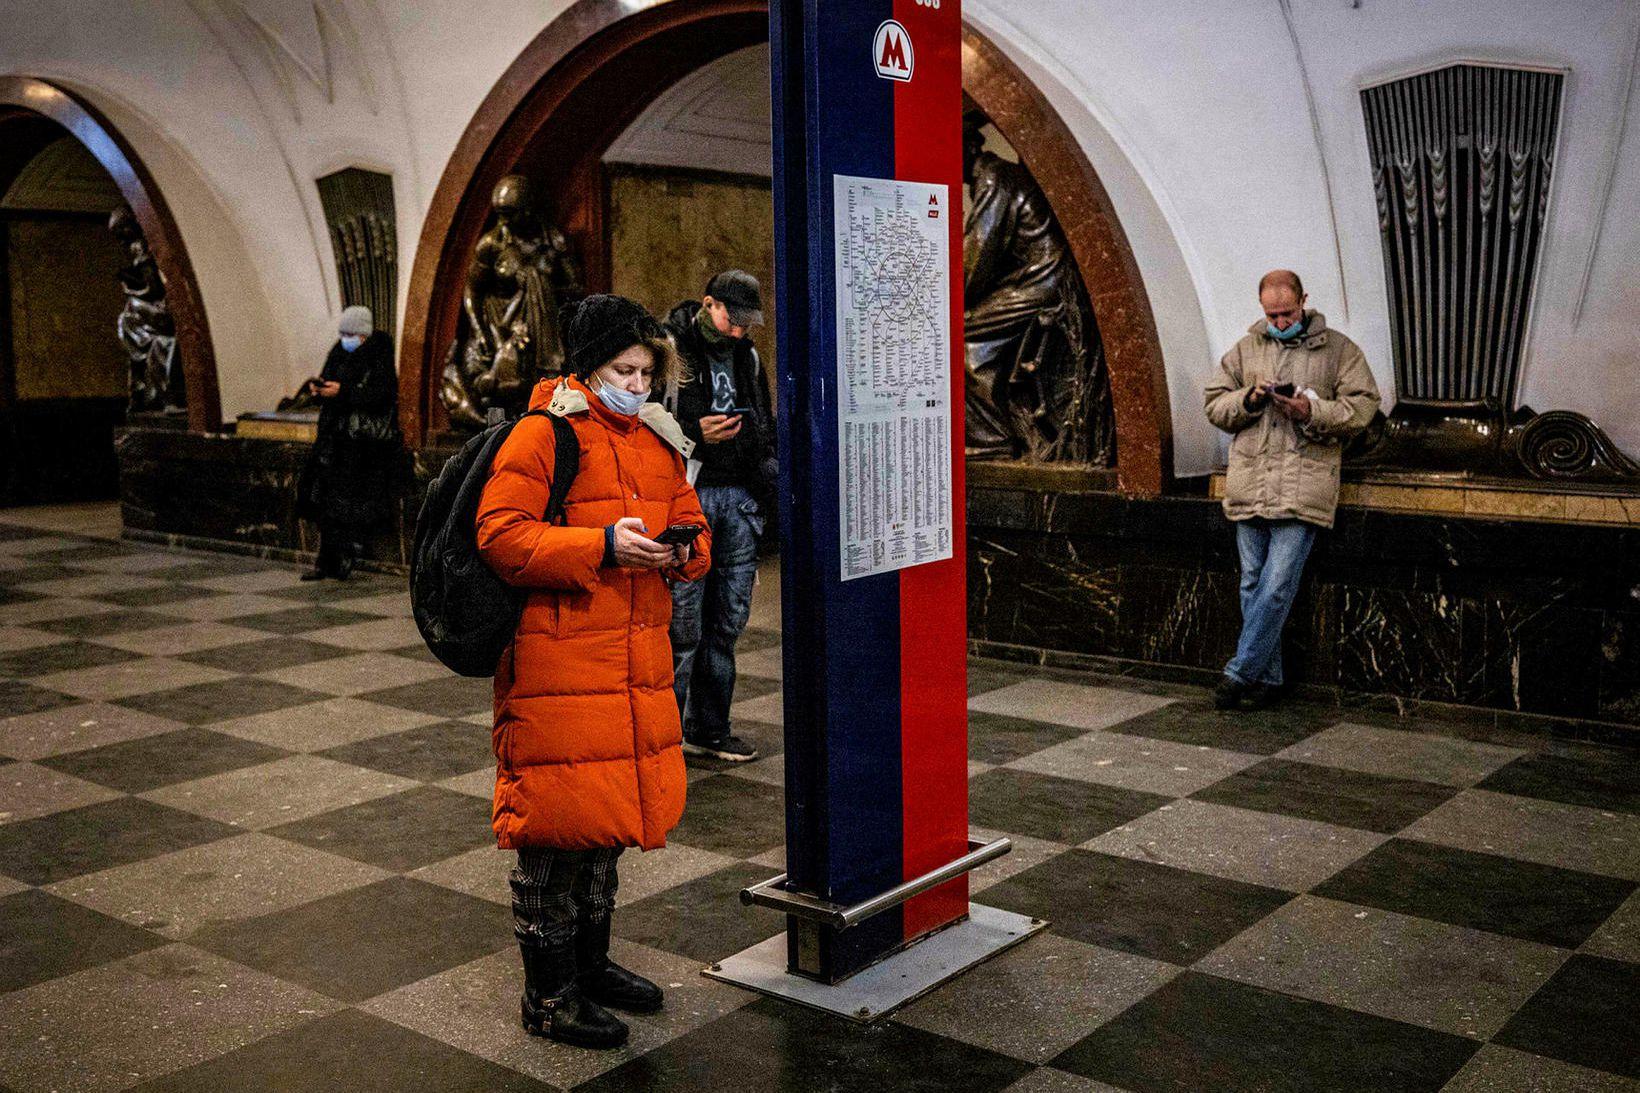 Fólk skoðar farsíma sína á neðanjarðarlestarstöð í Moskvu í dag.